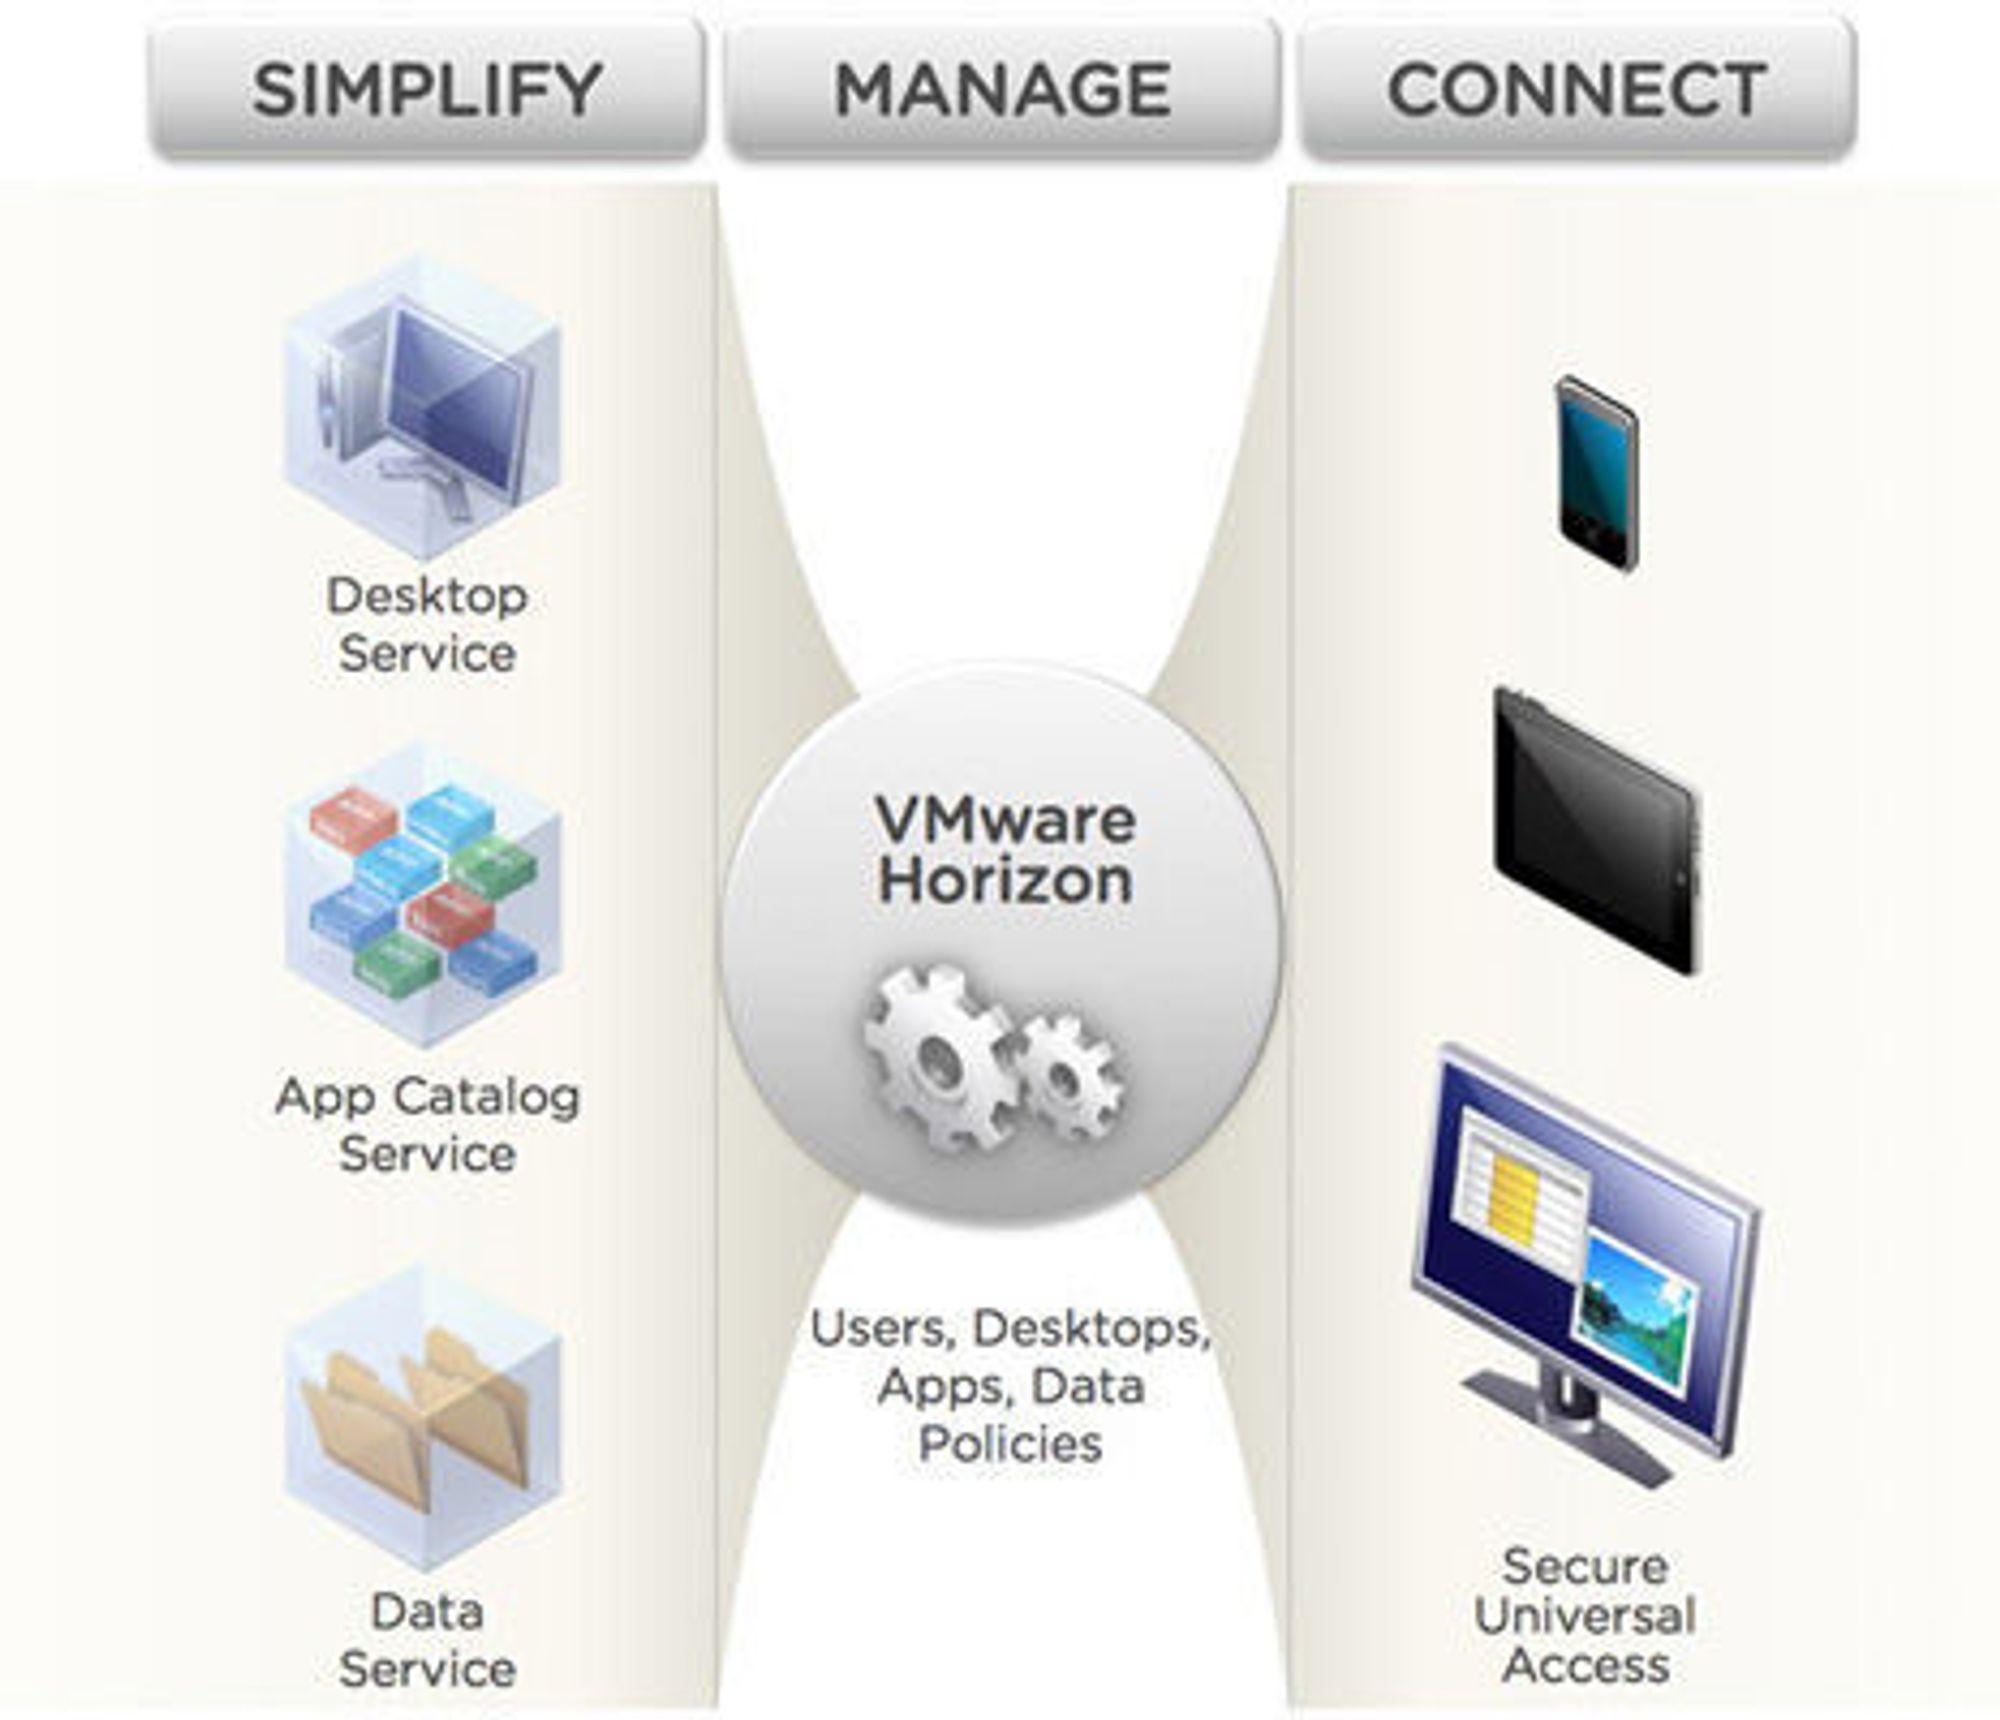 Horizon Application Manager tilordner applikasjoner og tjenester til brukere. Den vil utvides med ordninger som sørger for at brukere får sine applikasjoner, uansett hvilket apparat de bruker.